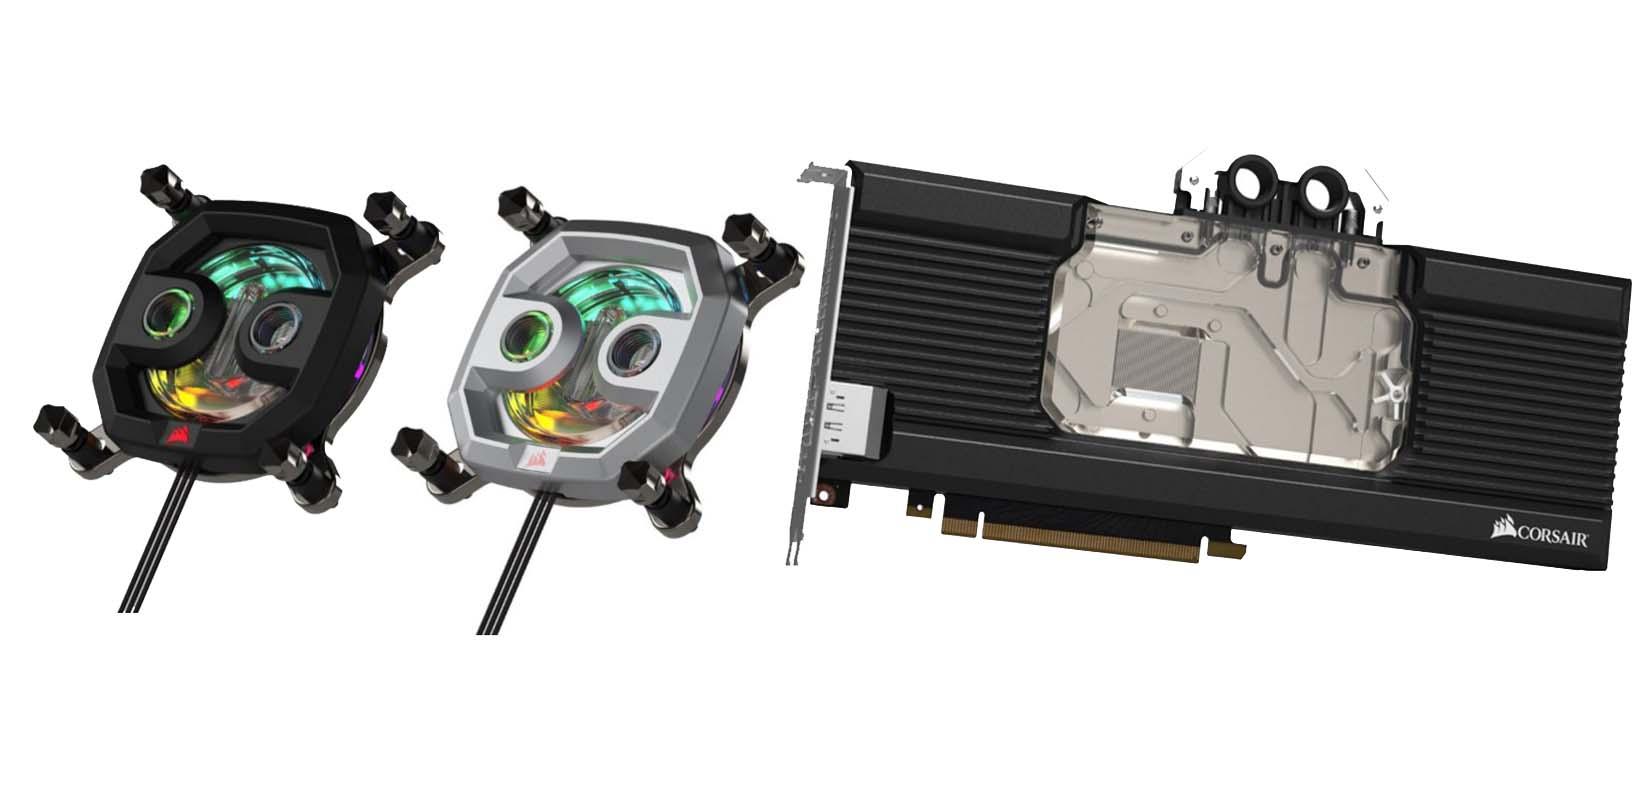 Se filtra la gama de productos Corsair Hydro X